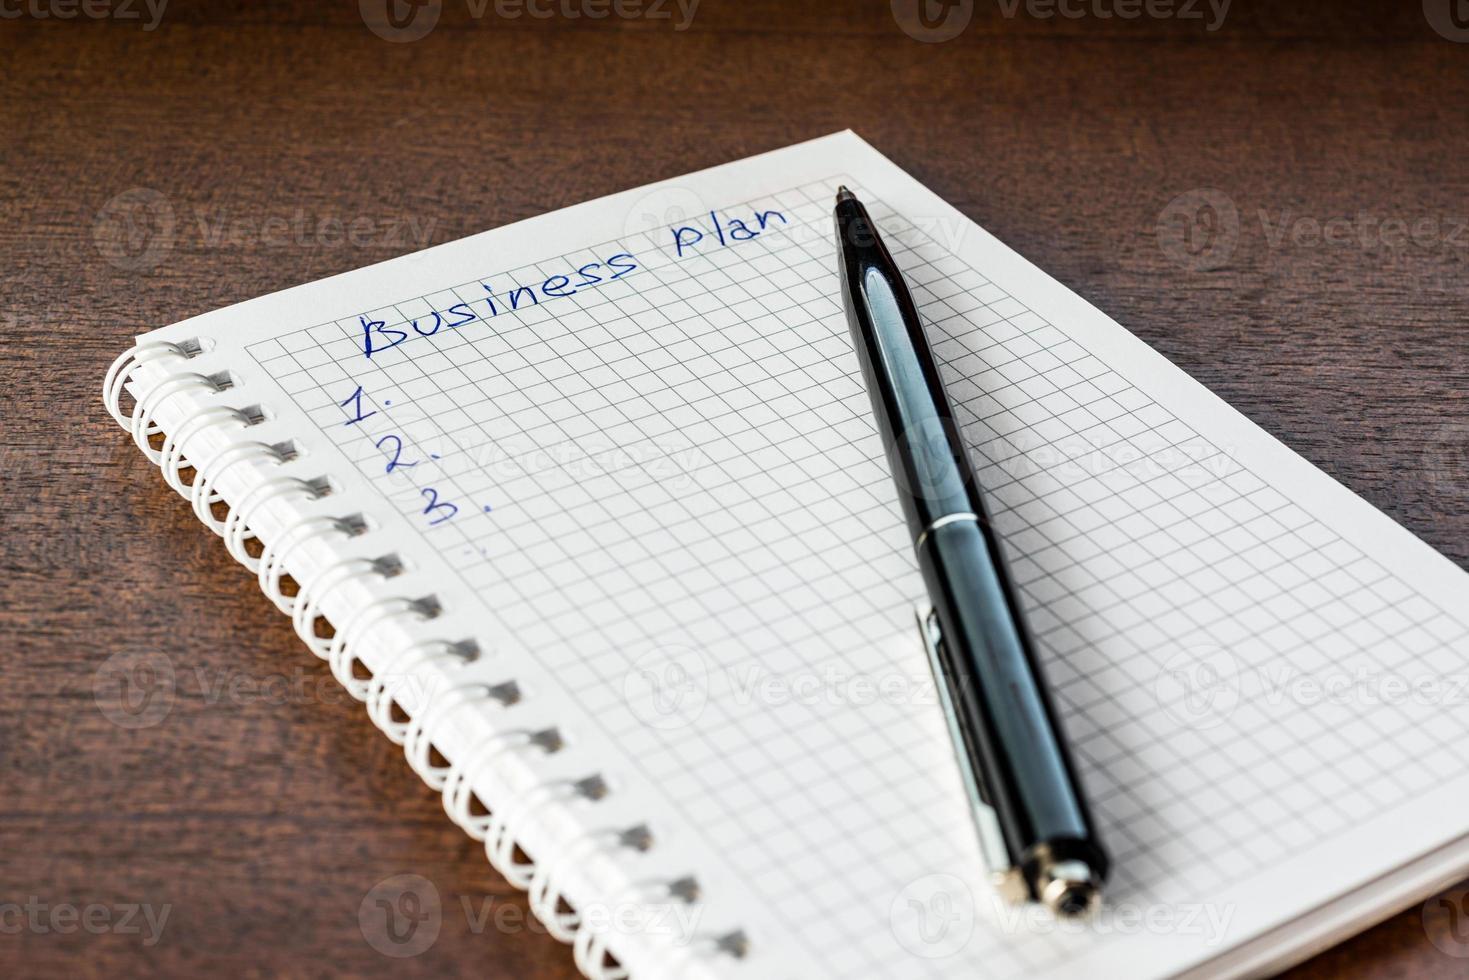 rédiger le plan d'affaires, écrire dans le cahier photo